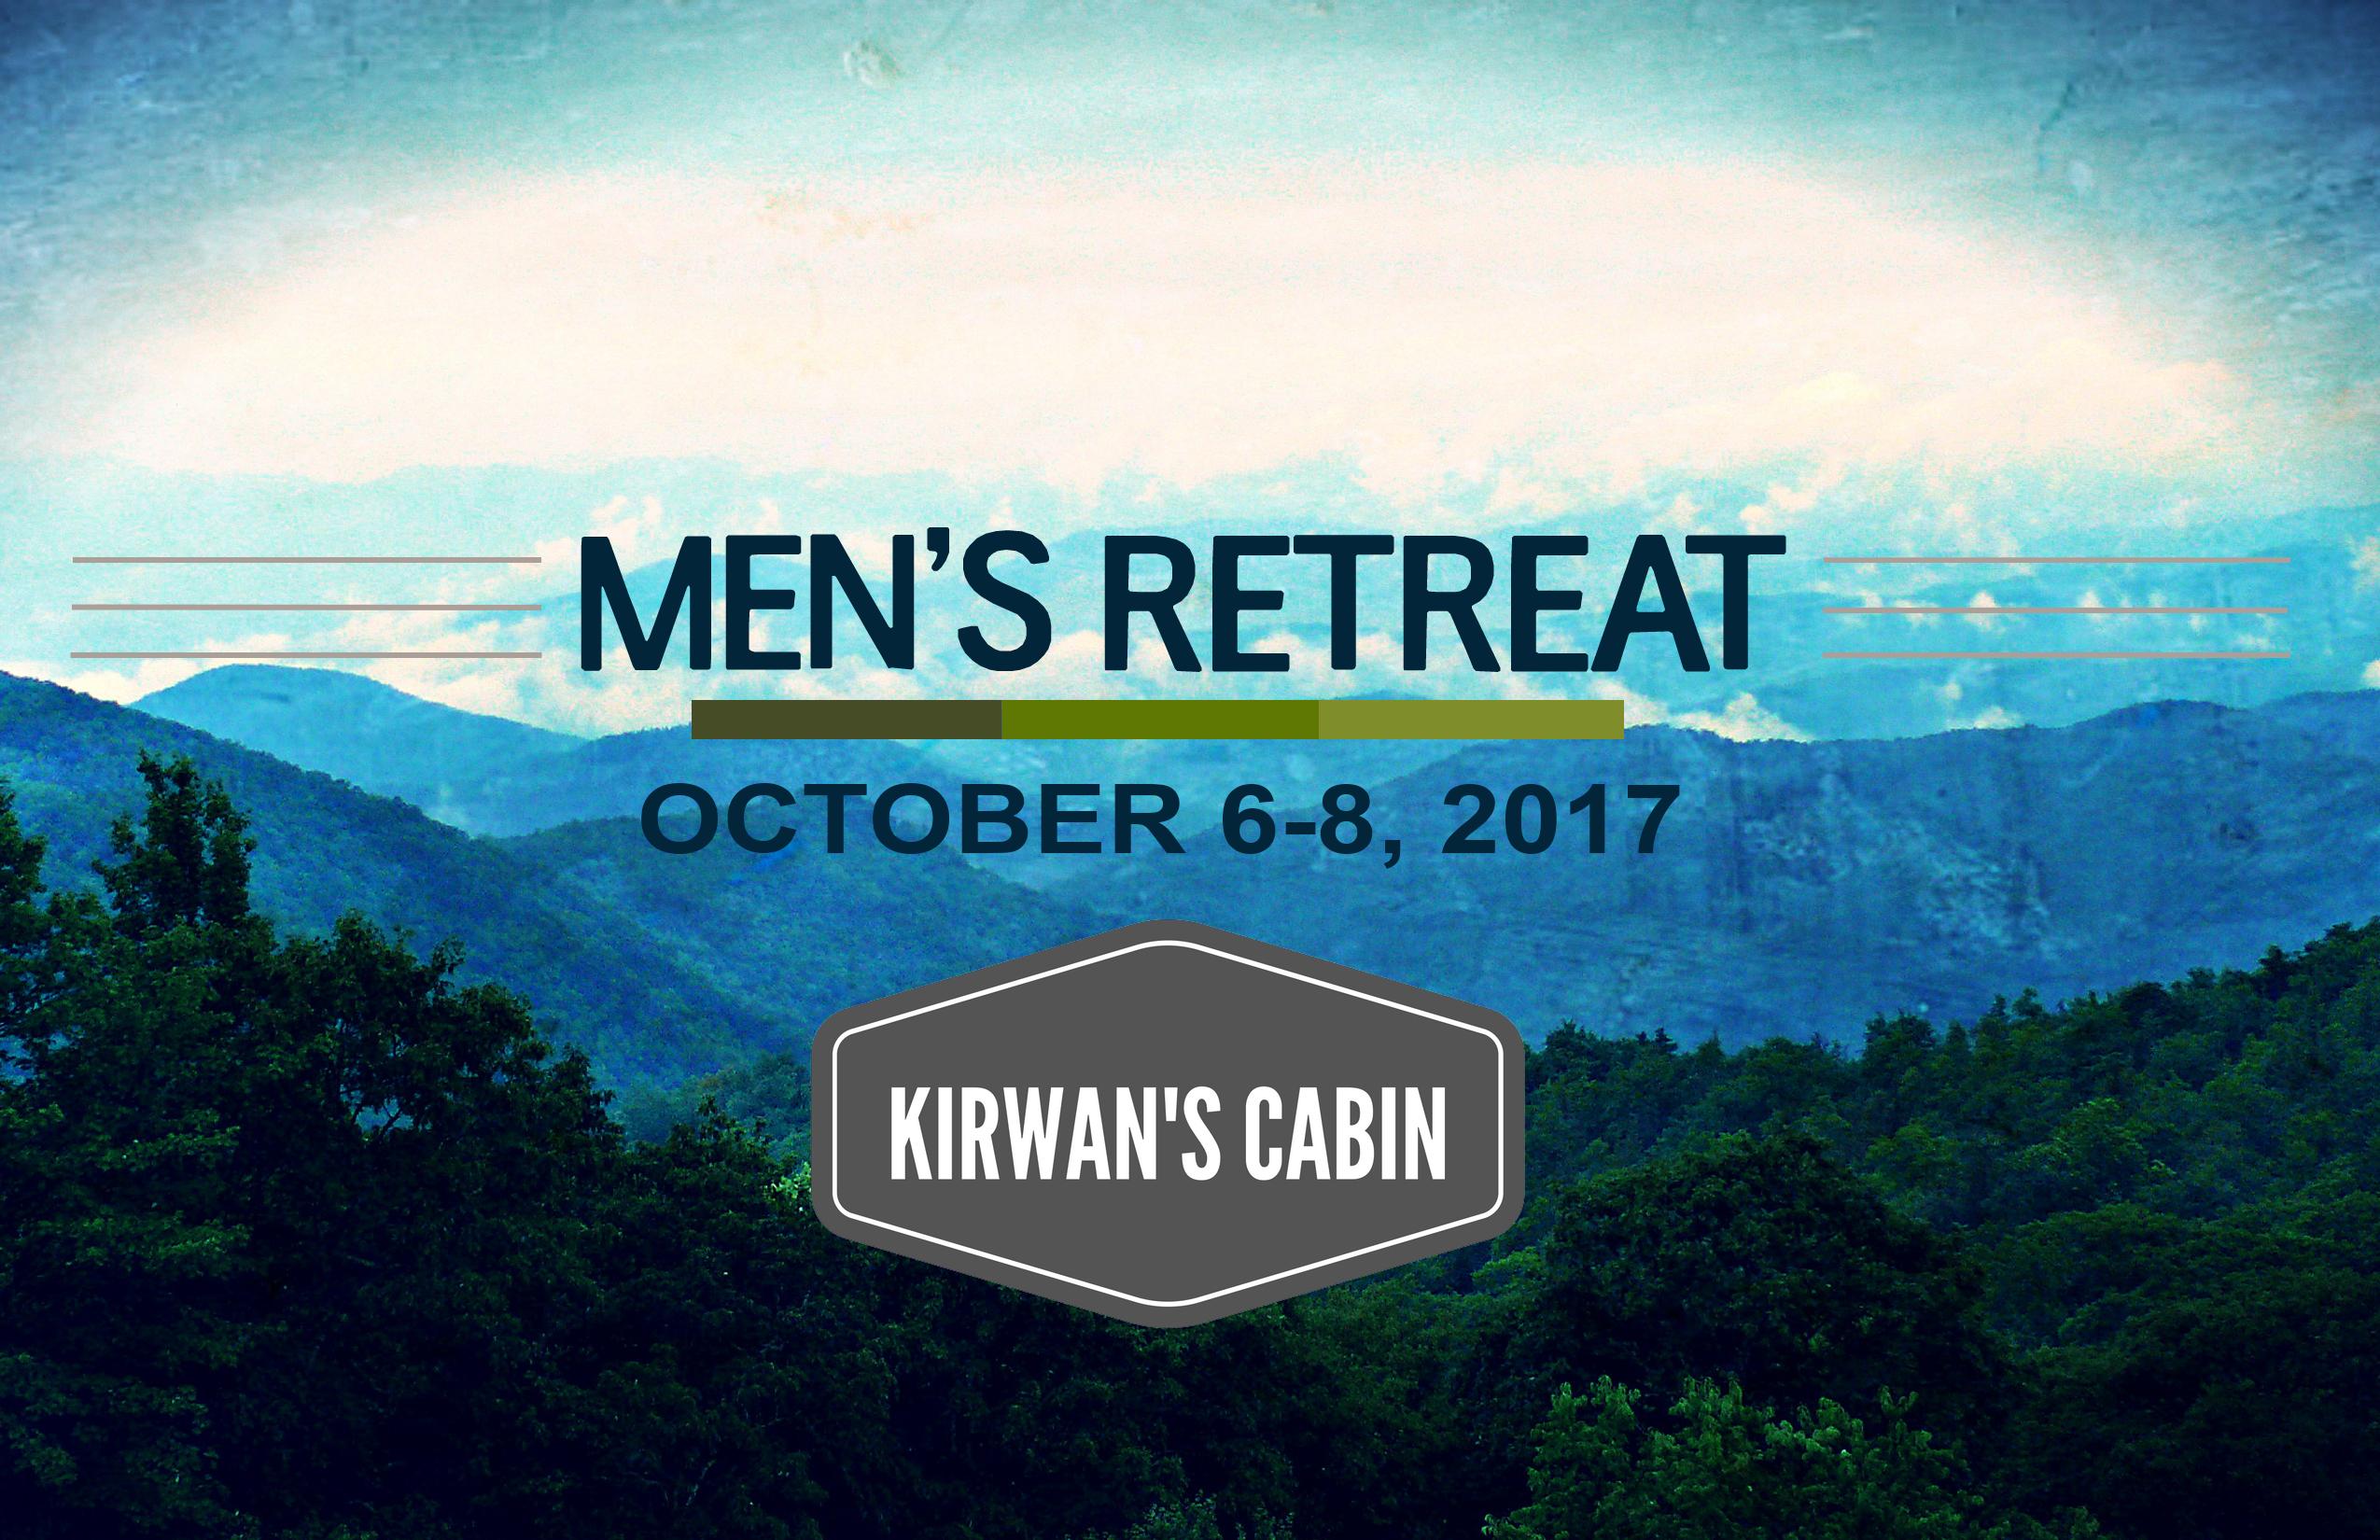 Mountain men retreat fall 2017